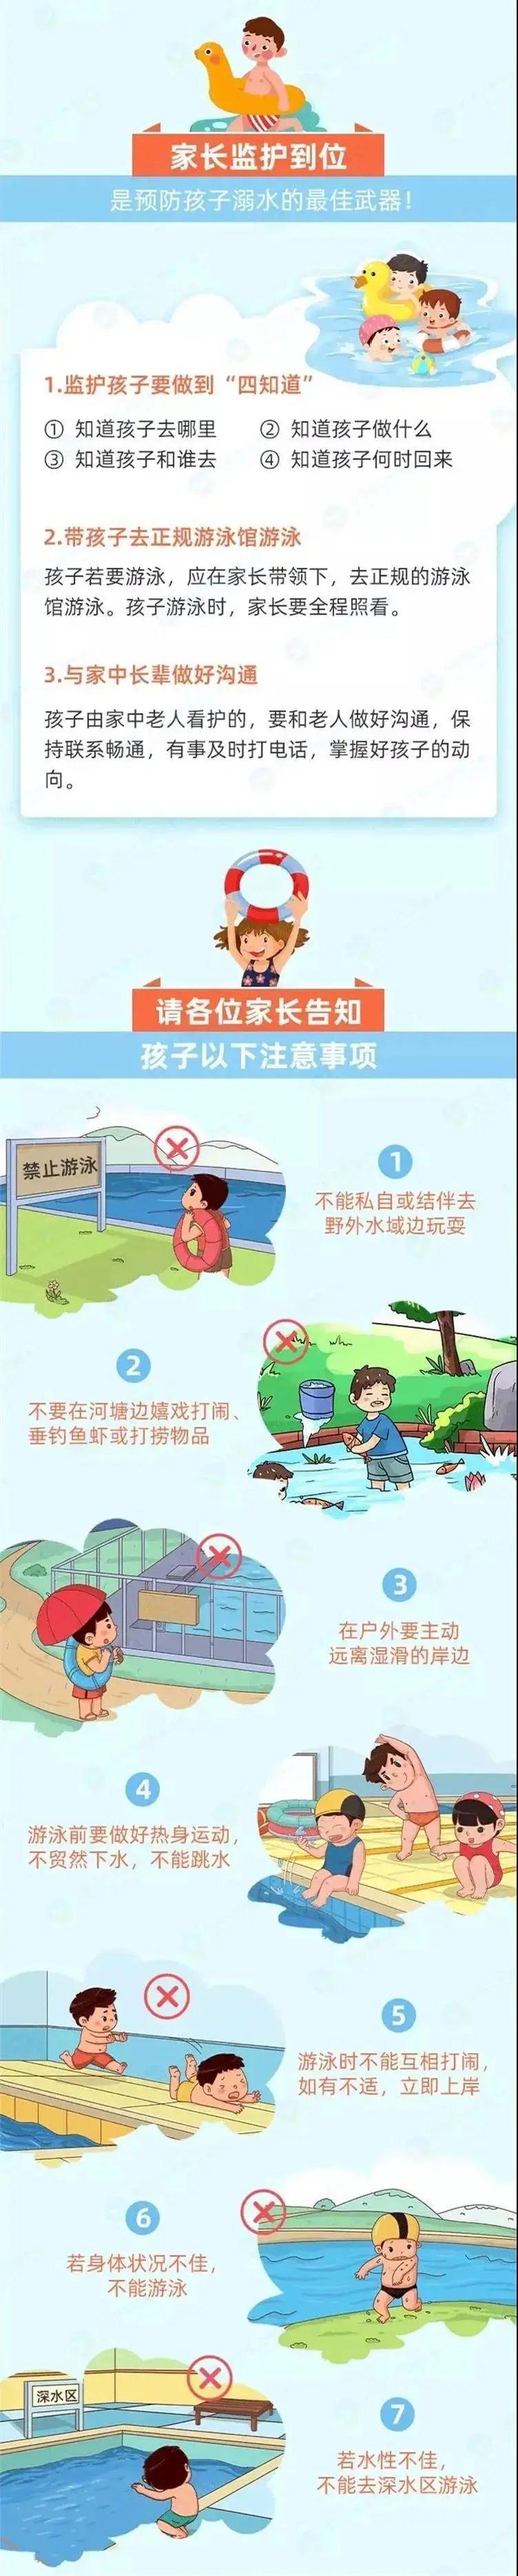 暑假来了,这些防溺水安全知识一定要知道!